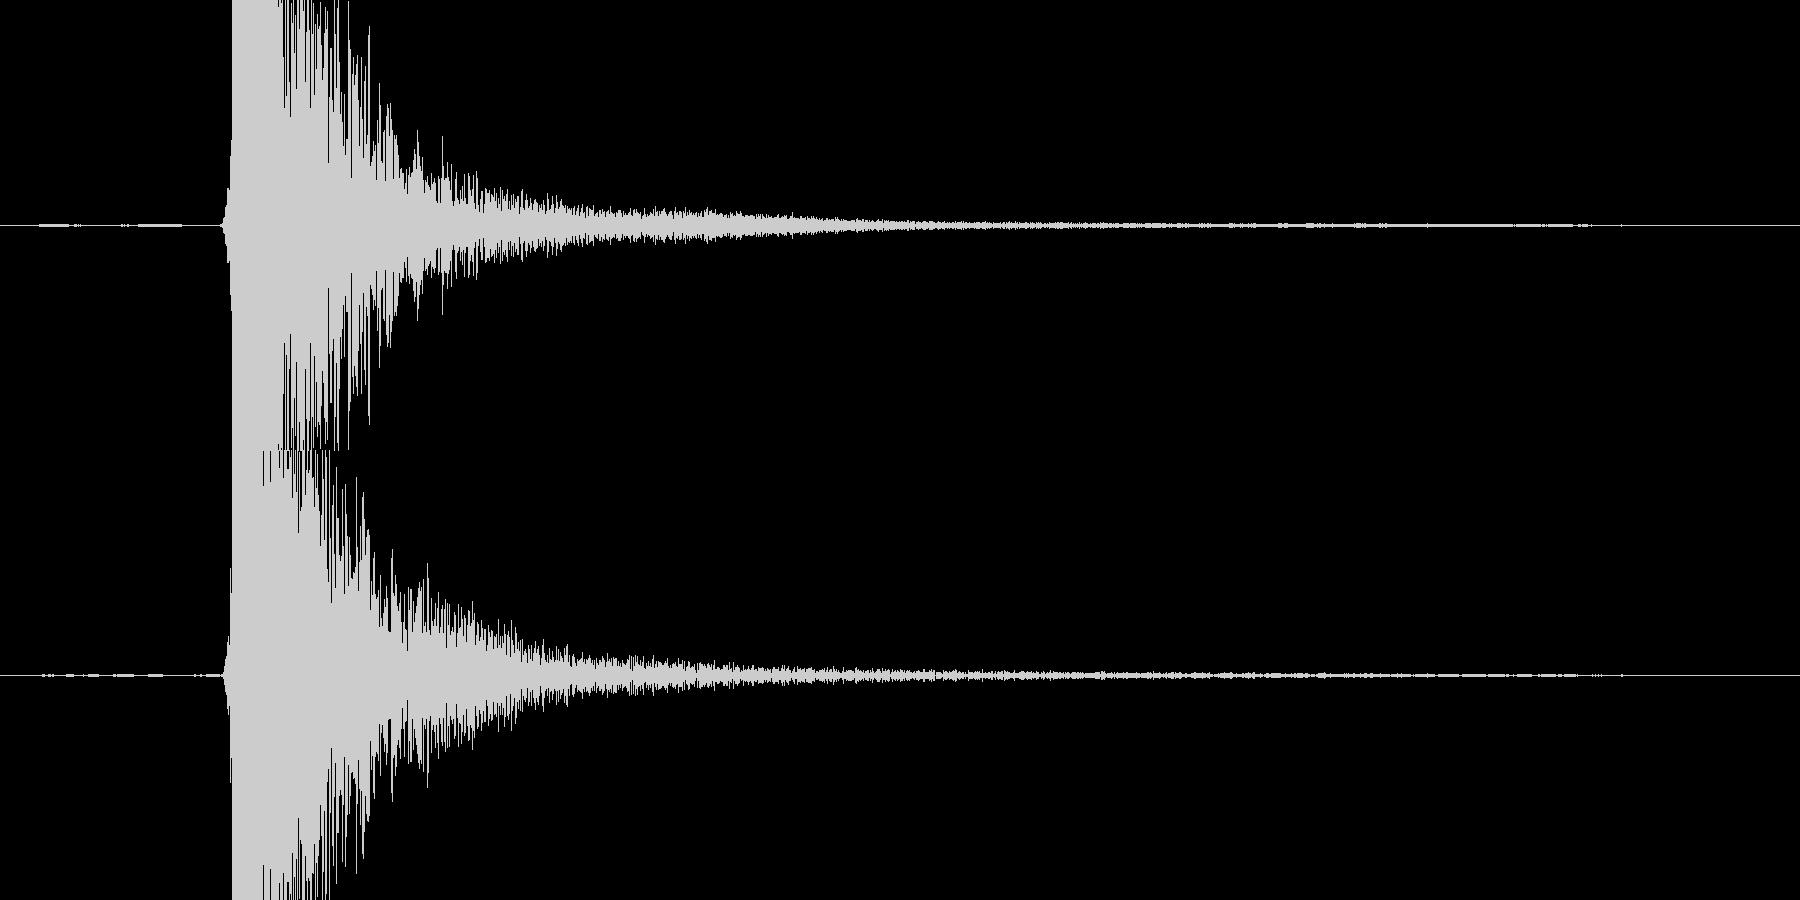 【衝撃音】鉄と鉄がぶつかる音の未再生の波形